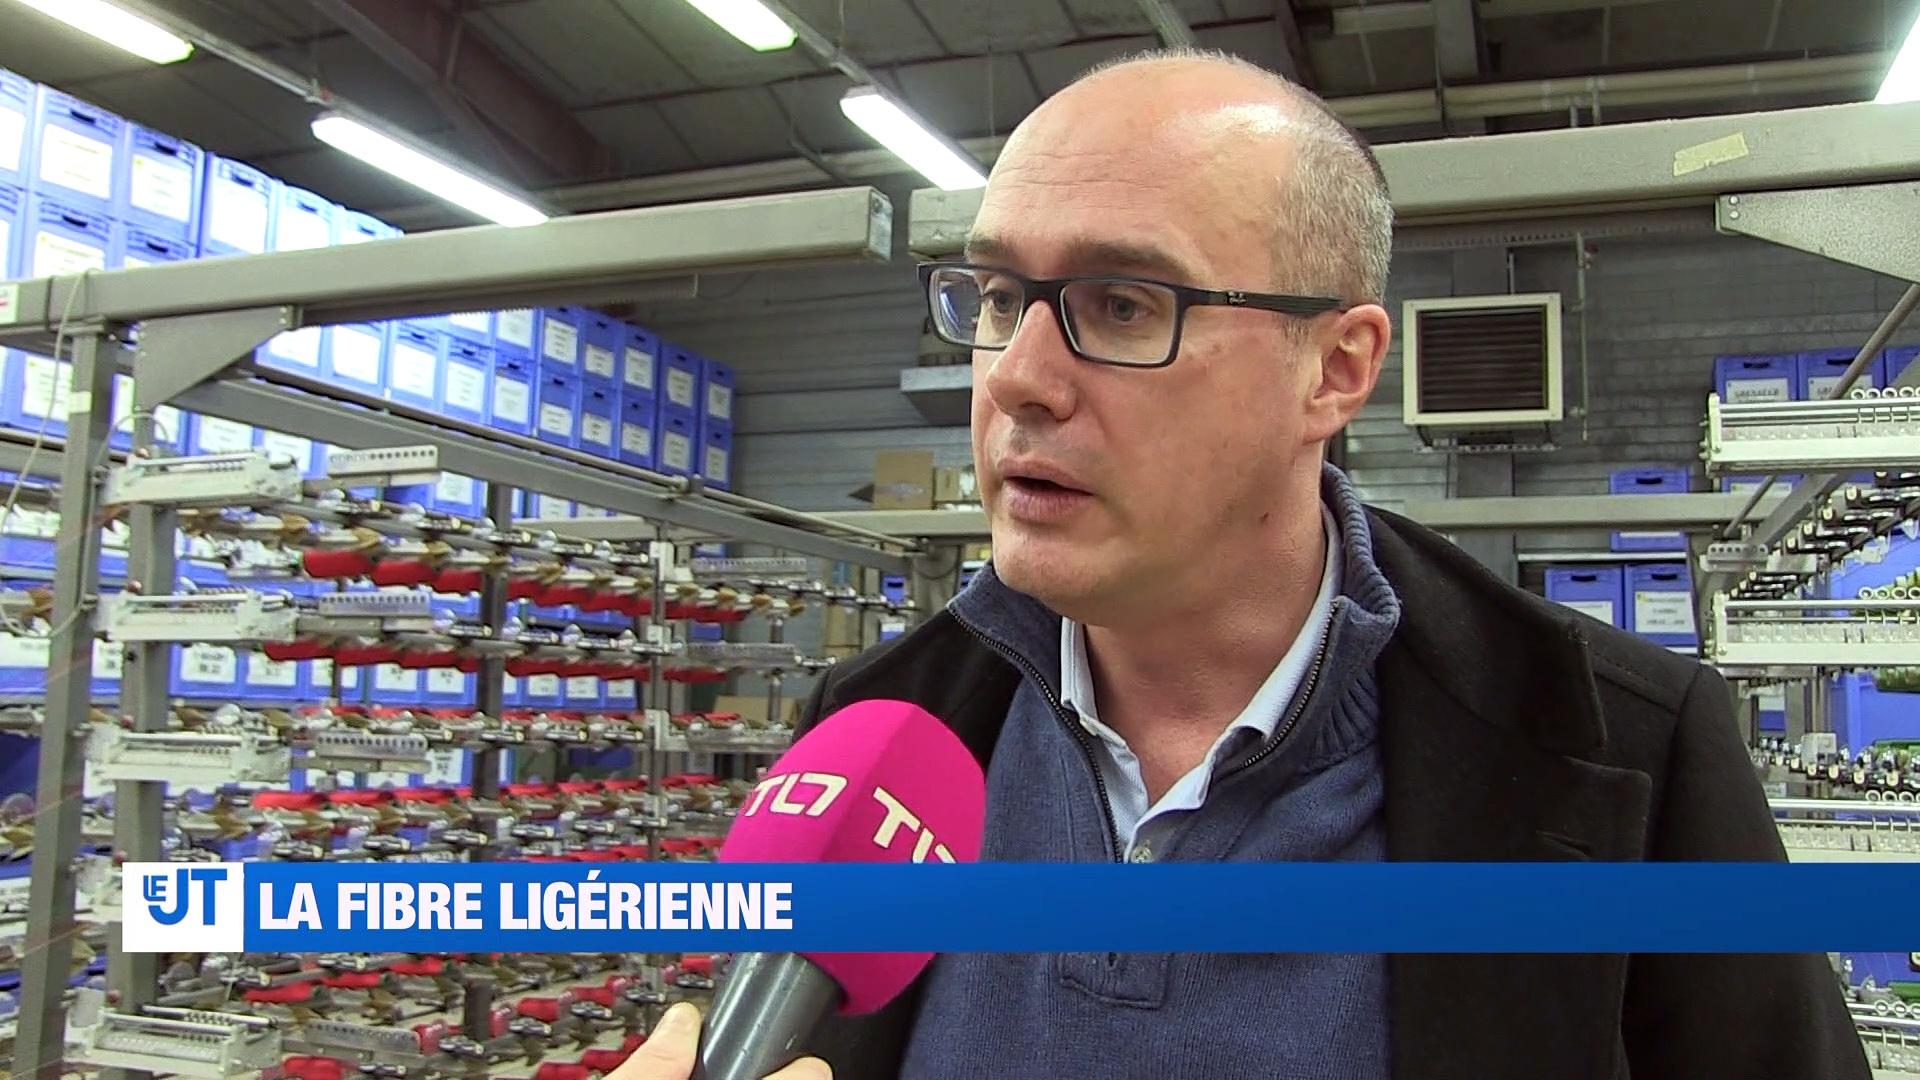 A la Une : Nous avons suivi le raccordement à la fibre du 100 000e client de la Loire. D'ici 2020, toutes les communes rurales auront Internet en Très Haut Débit.